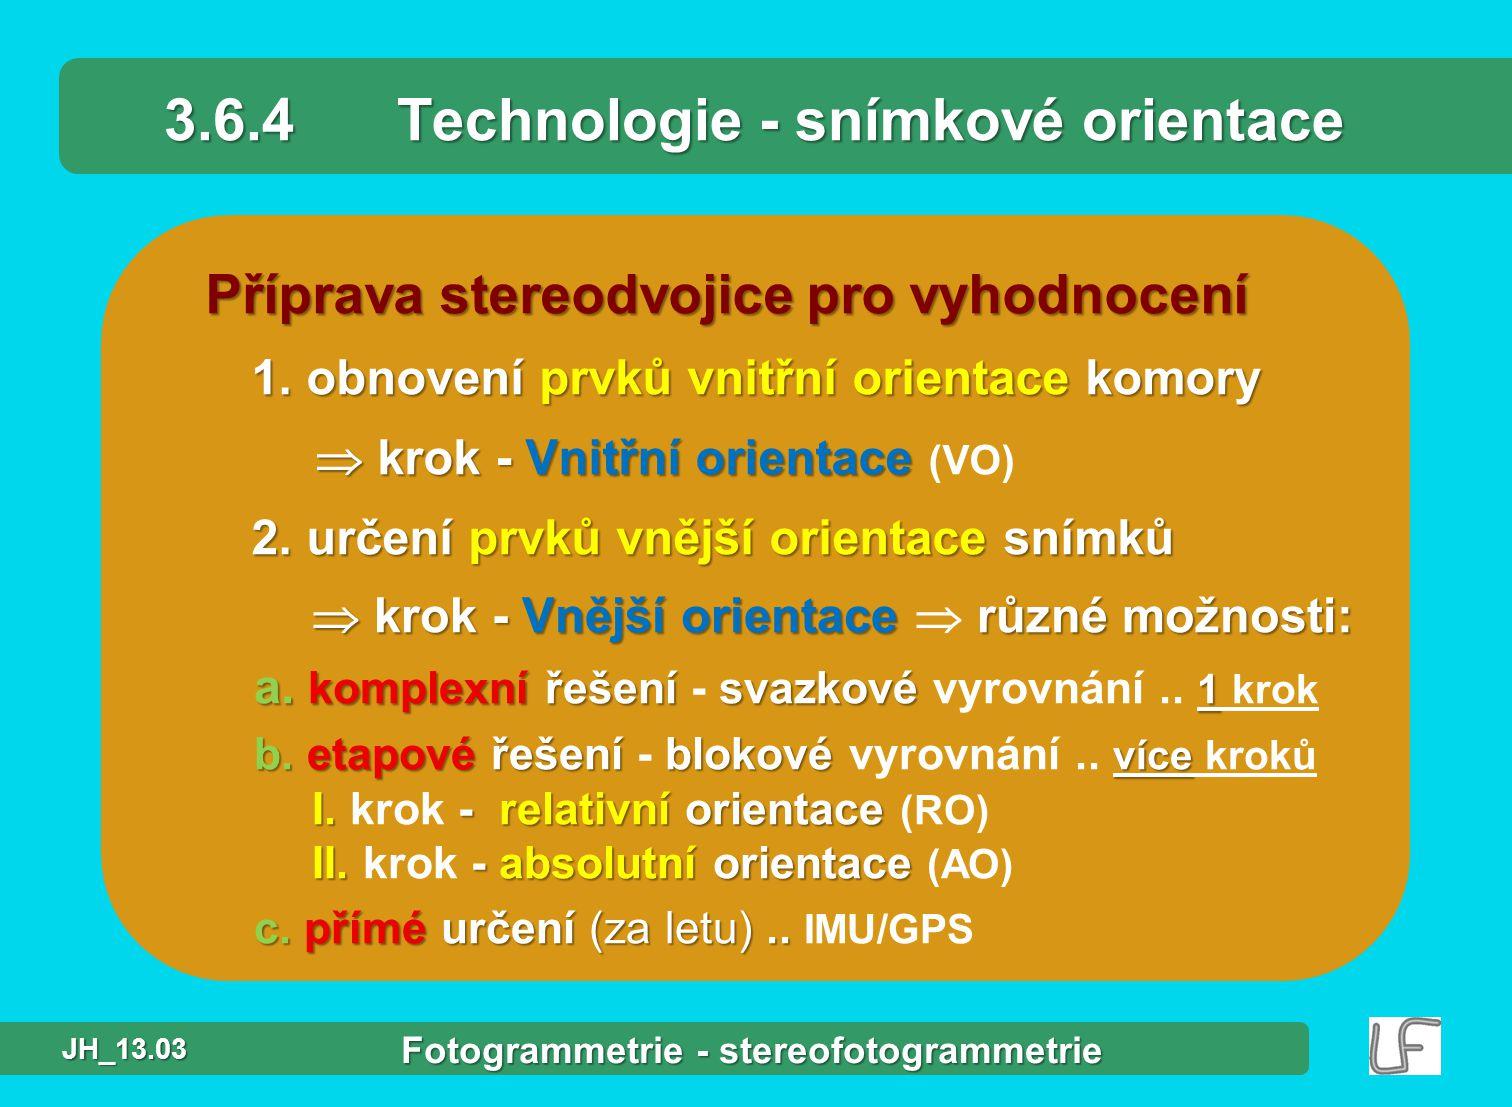 3.6.4 Technologie - snímkové orientace